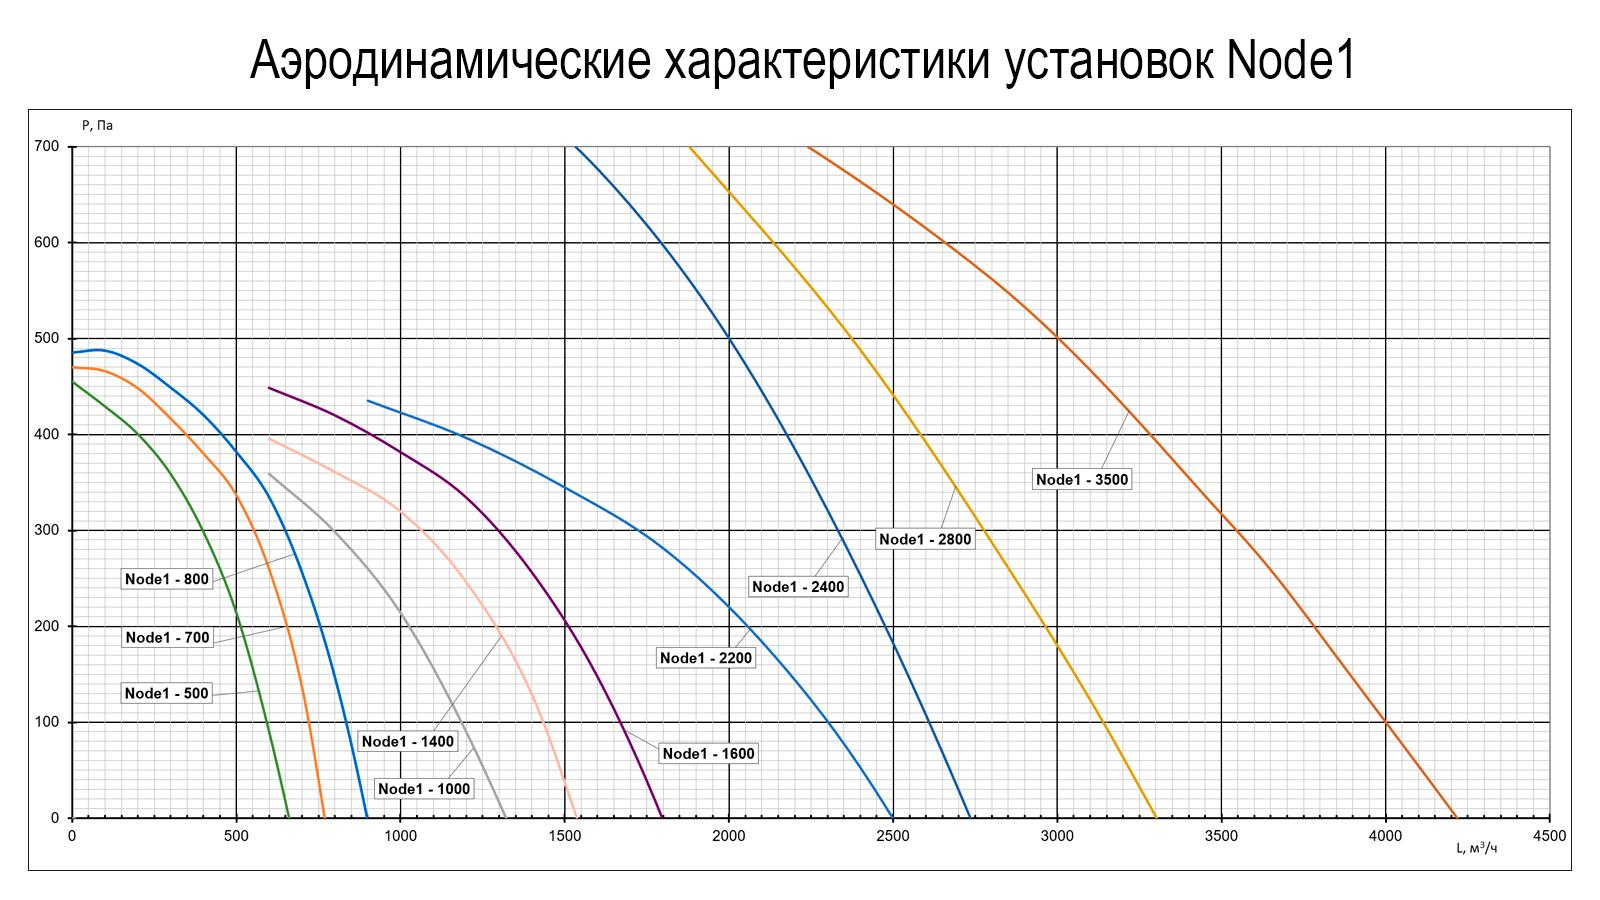 Аэродинамические характеристики Node1 EC Vertical